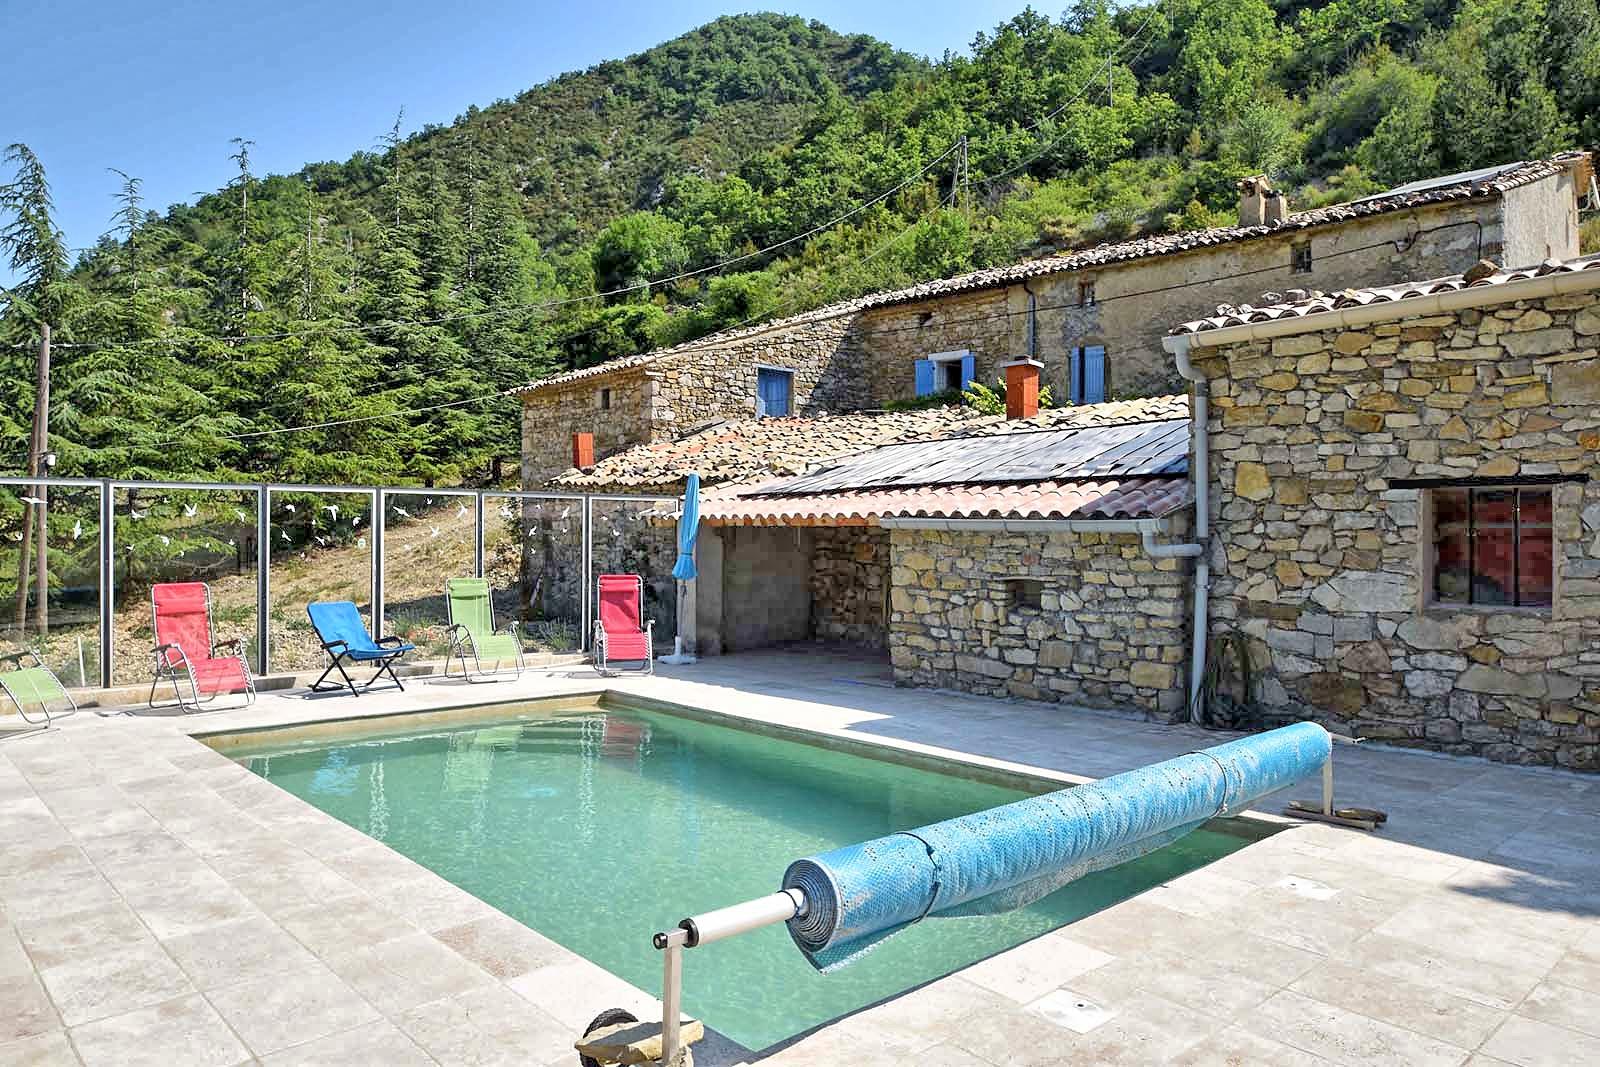 Vakantiehuis met zwembad in Provence-Côte d'Azur in Chaudebonne (Frankrijk)